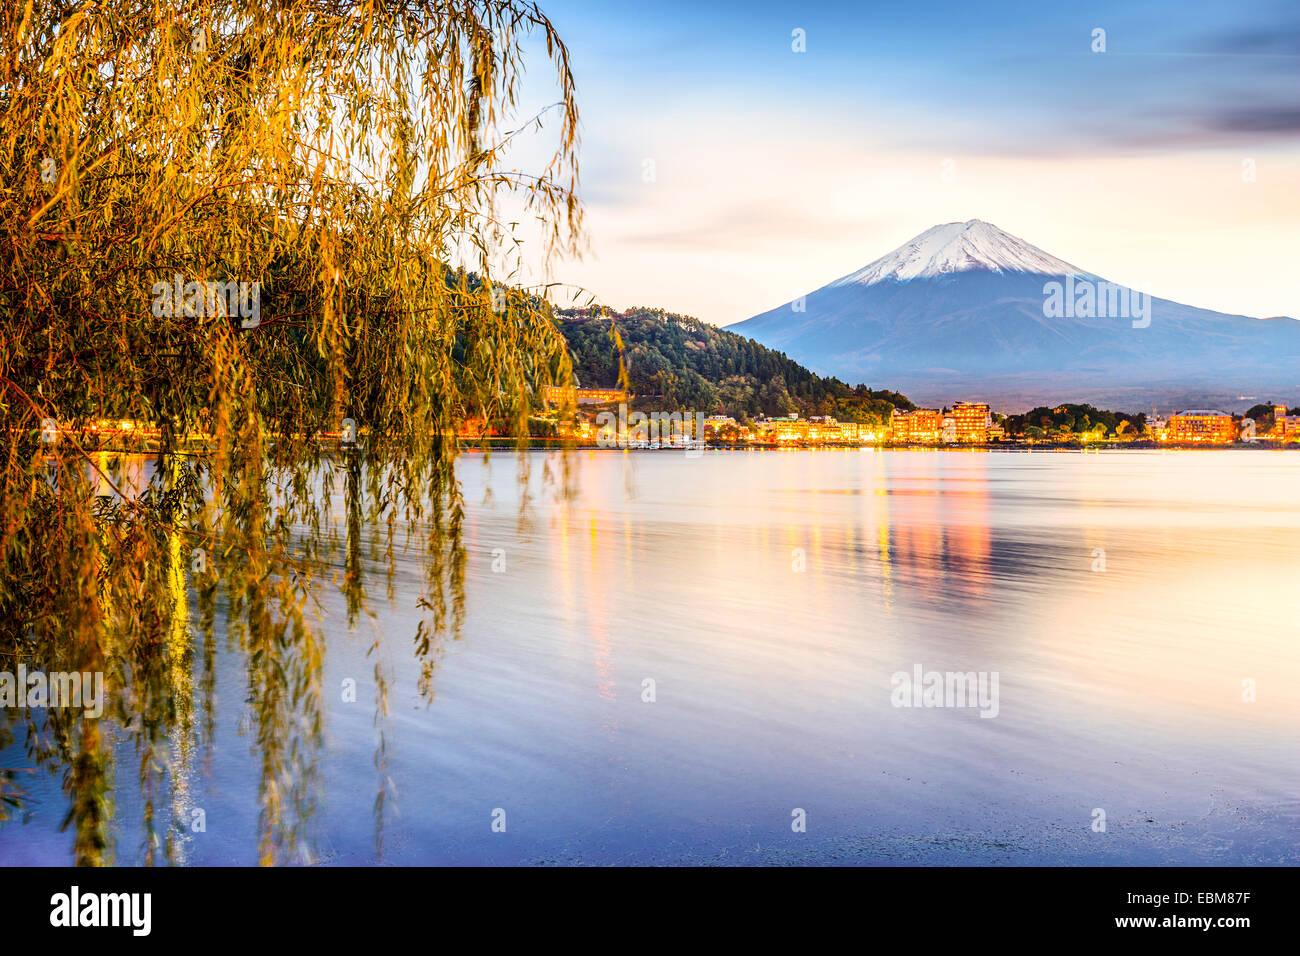 Mt. Le lac Kawaguchi à Fuji au Japon. Photo Stock